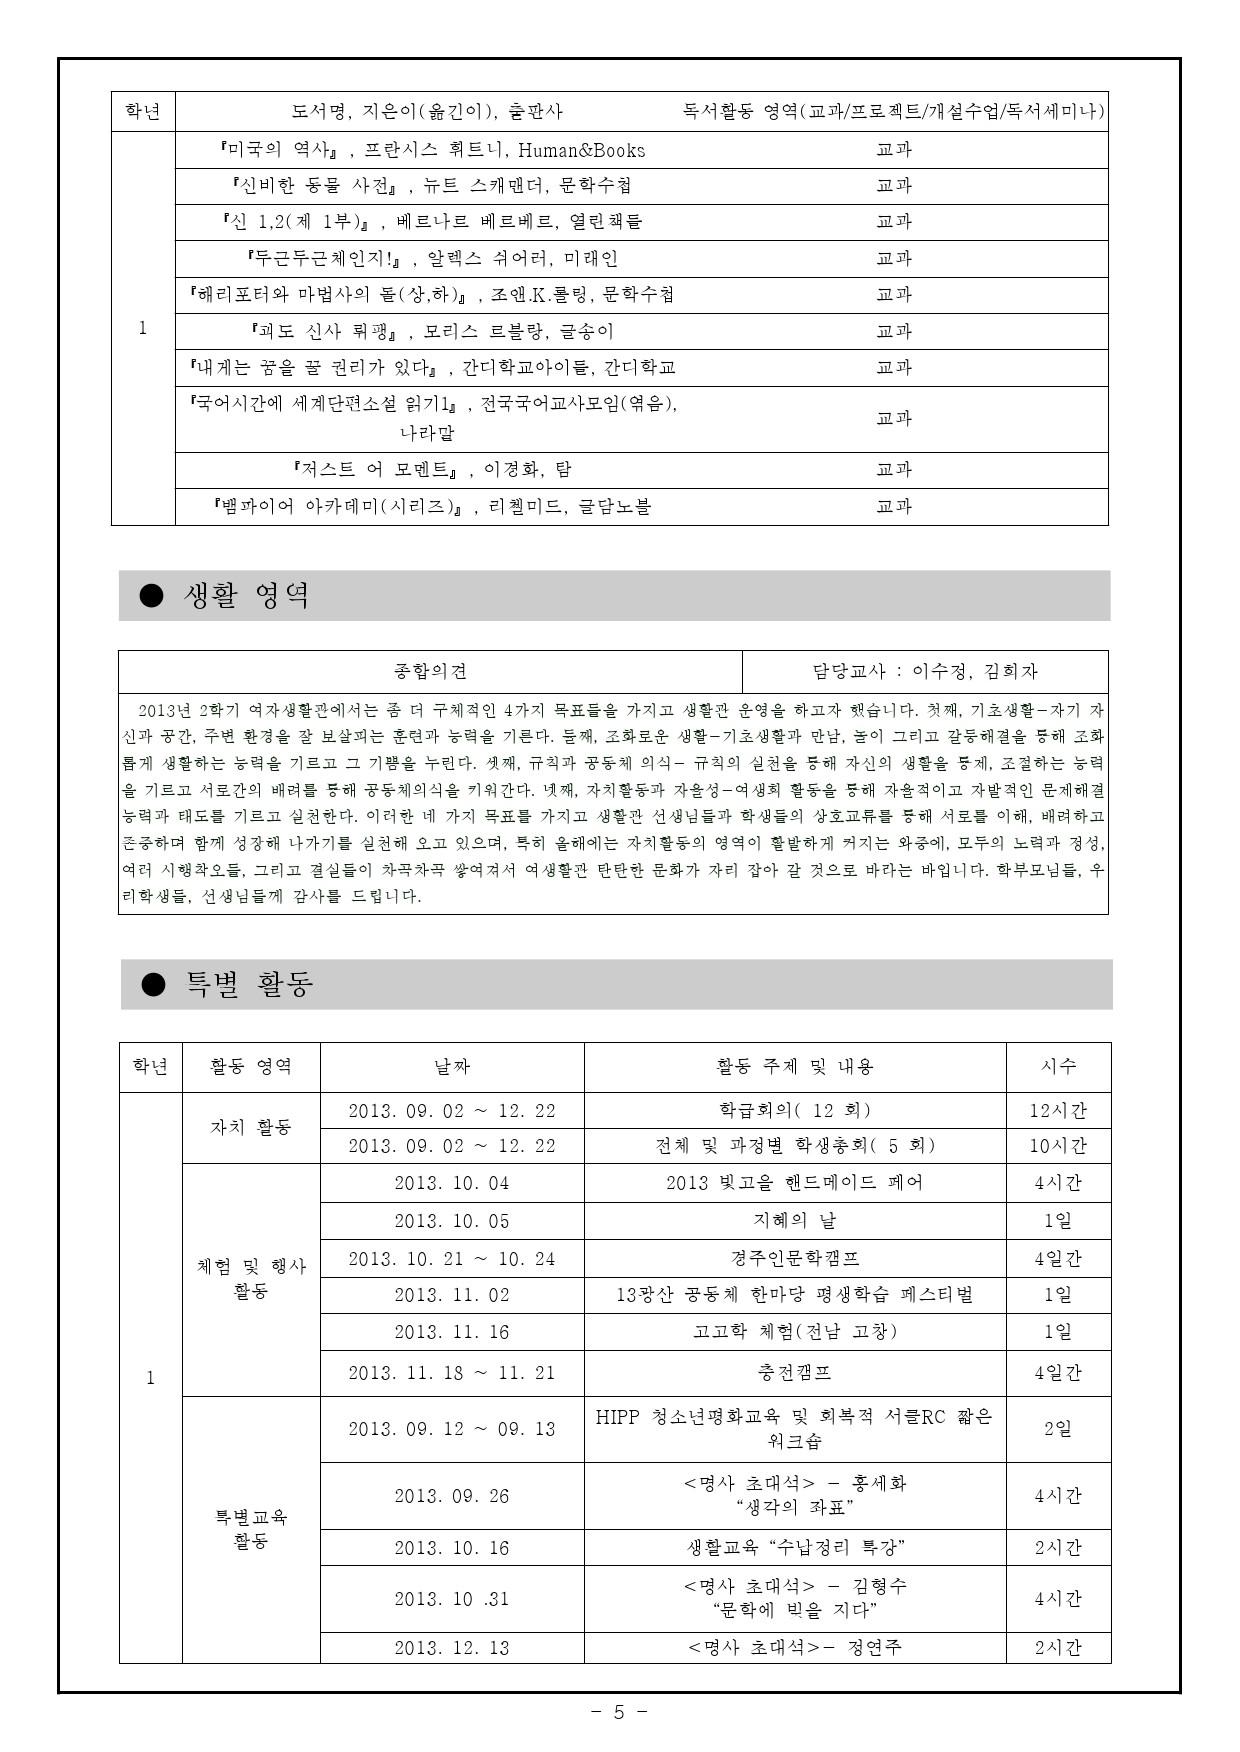 지혜학교 평가서_0-5.jpg